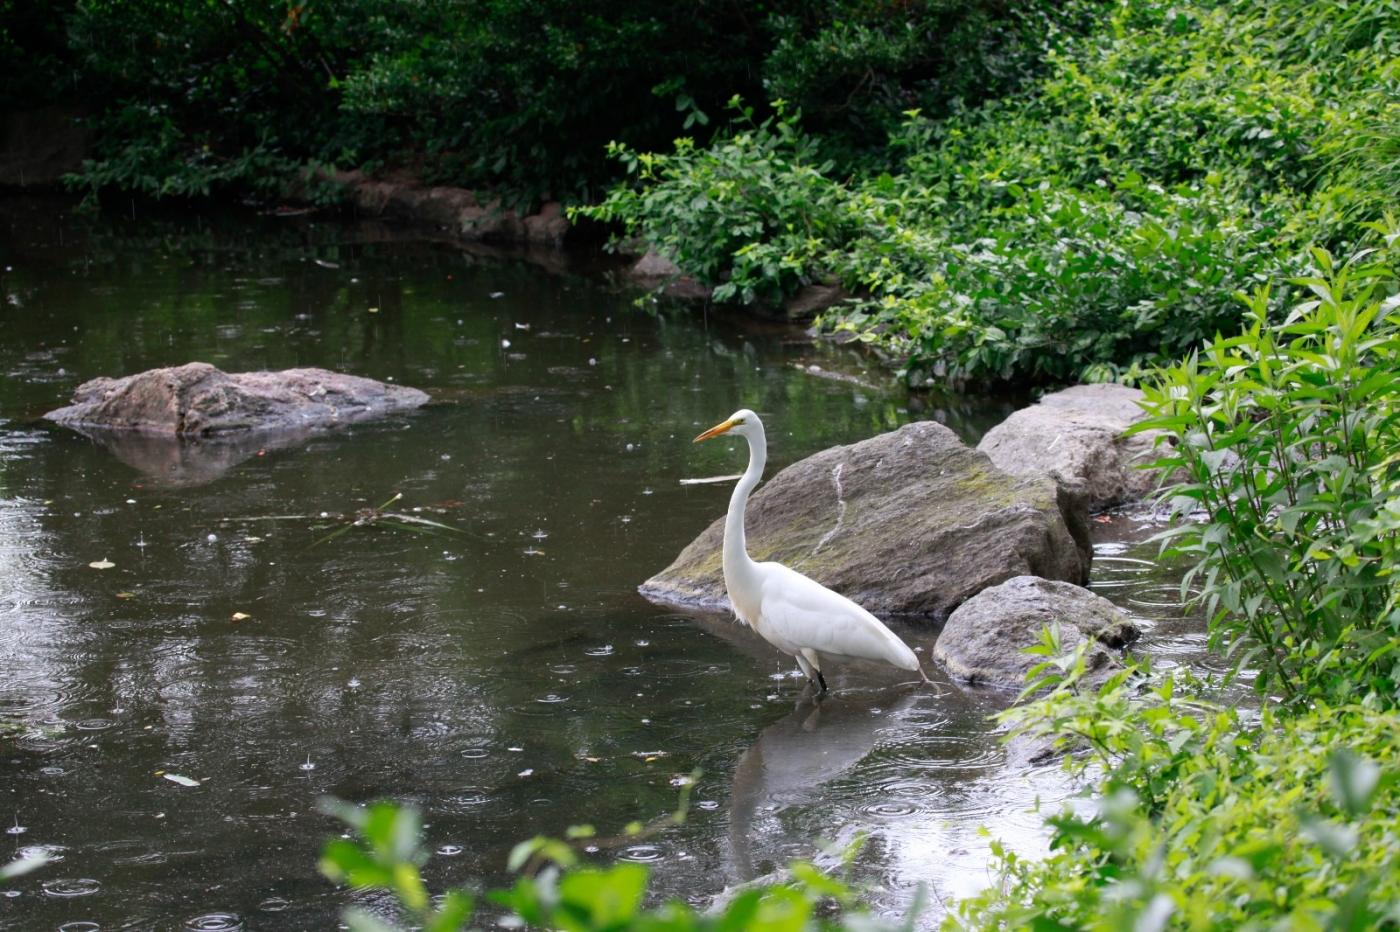 中央公园的白鹭,姿态优美,游客喜爱_图1-8